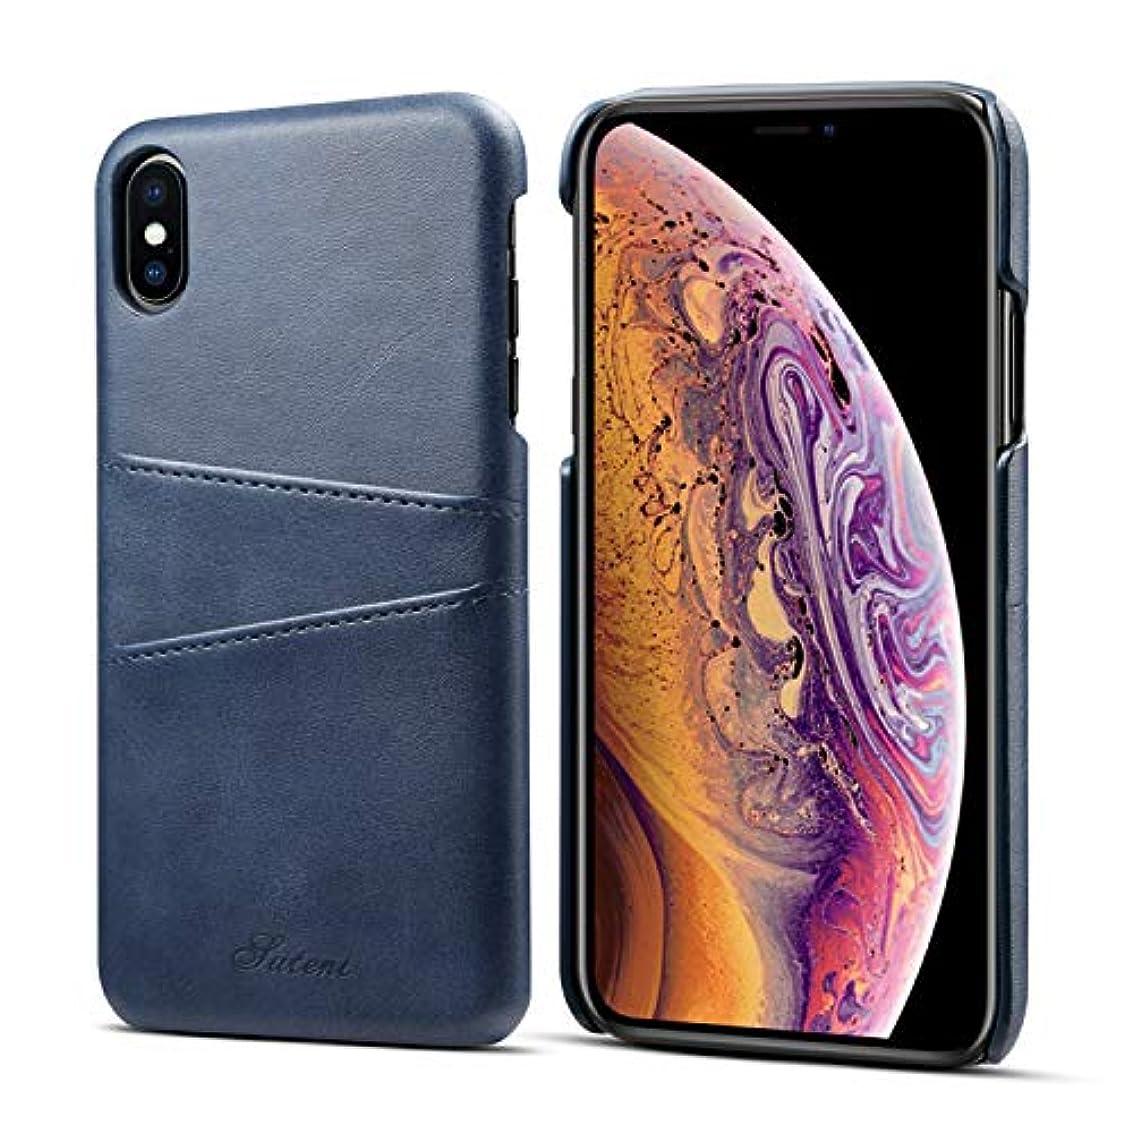 休憩旅添加iPhone XS Maxのための財布ケース、カード/ IDホルダースロット付きtaStoneプレミアムPUレザー電話ケースカバー6.5インチiPhone XS Maxのための軽量クラシックスタイルスリム保護スクリーンケース...